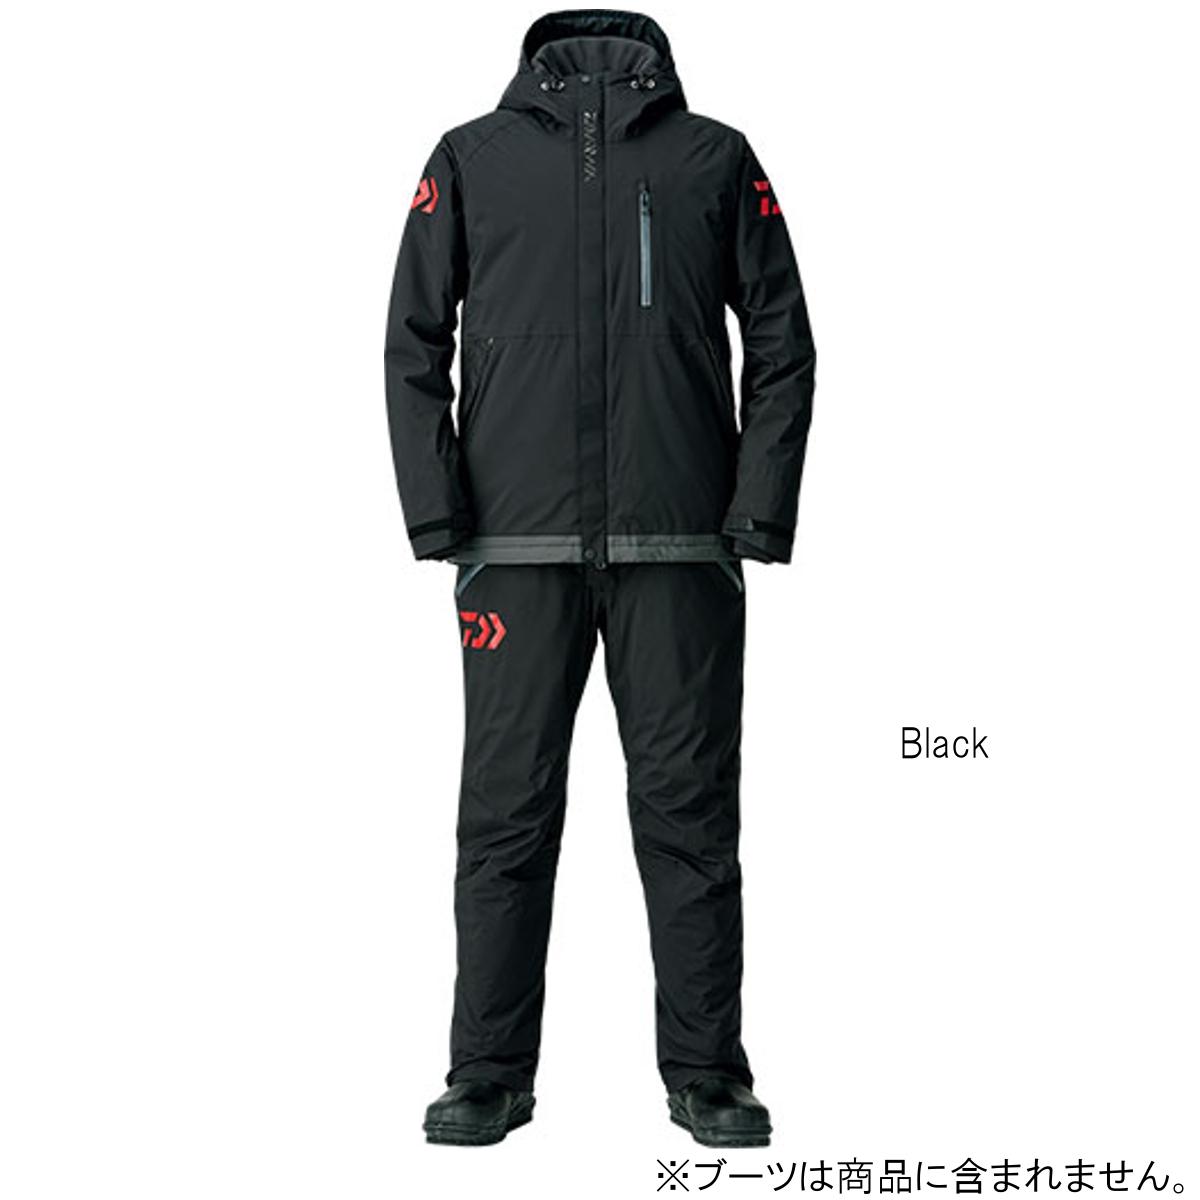 ダイワ レインマックス エクストラハイロフト ウィンタースーツ DW-3208 XL Black(東日本店)